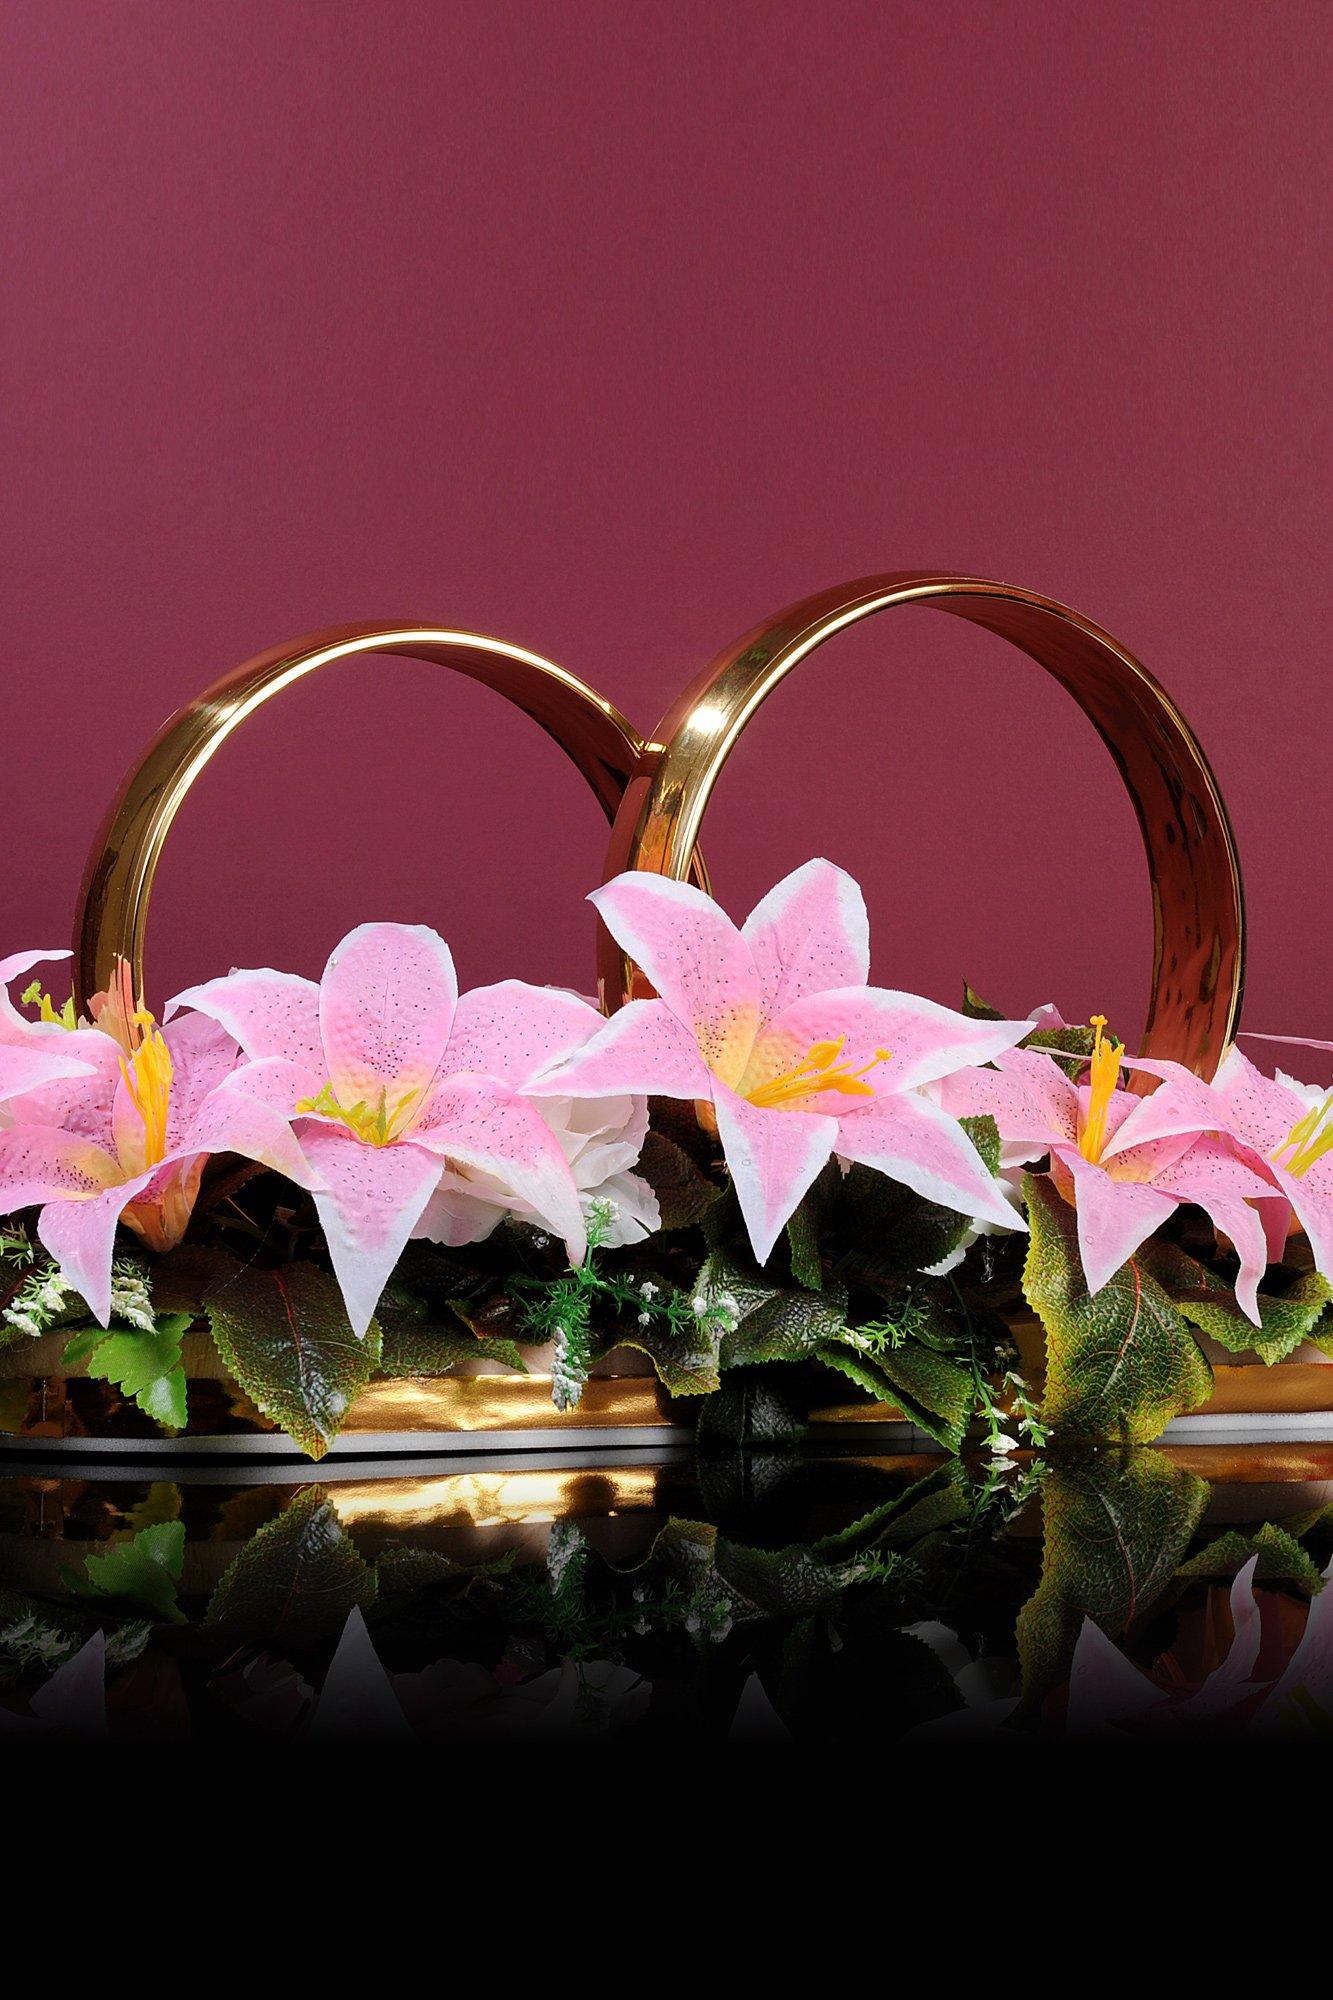 Золотистые кольца на машину, украшенные розовыми бутонами лилий.